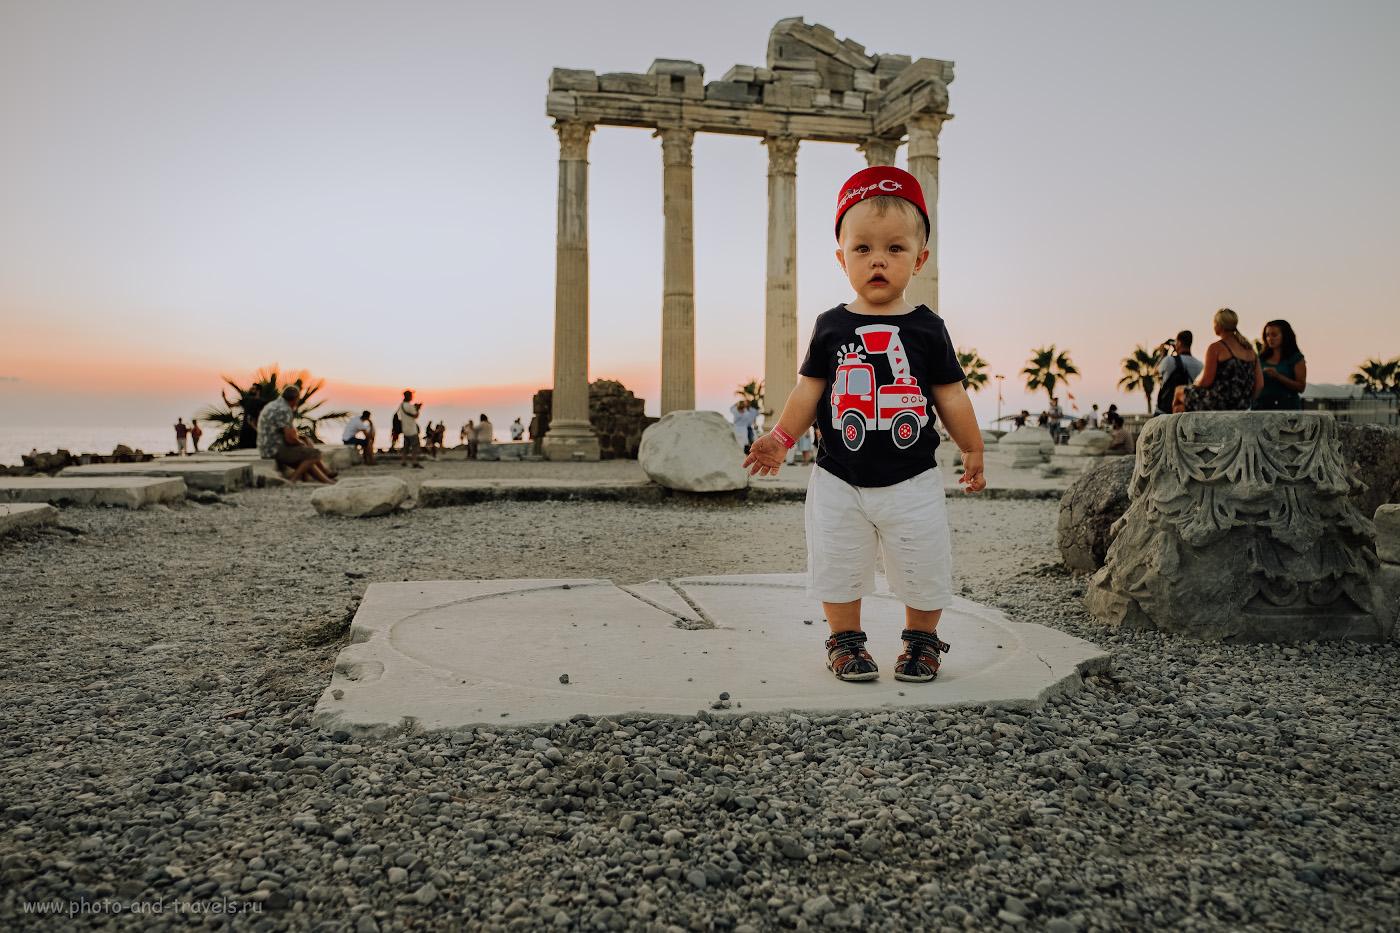 Фото 1. Портрет маленького туриста на фоне колонн храма Аполлона в Сиде. Отзывы путешественников о поездке в Турцию с детьми. Настройки: В=1/160 сек., f/2.8, ISO 200, поправка экспозиции +1 EV, ФР=18 мм. Все фотографии в отчете сняты на Fujifilm X-T10 с объективом Fujinon 16-55mm f/2.8.